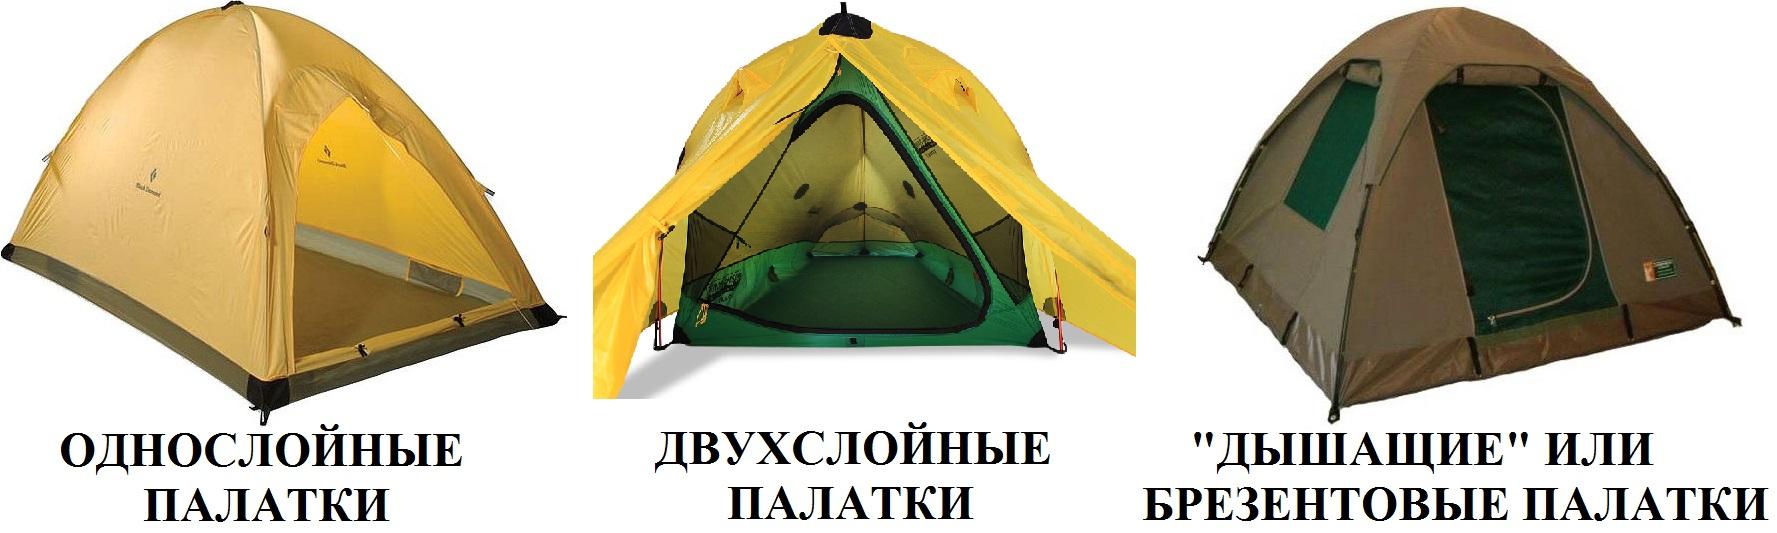 палатка для рыбалки вьюга купить